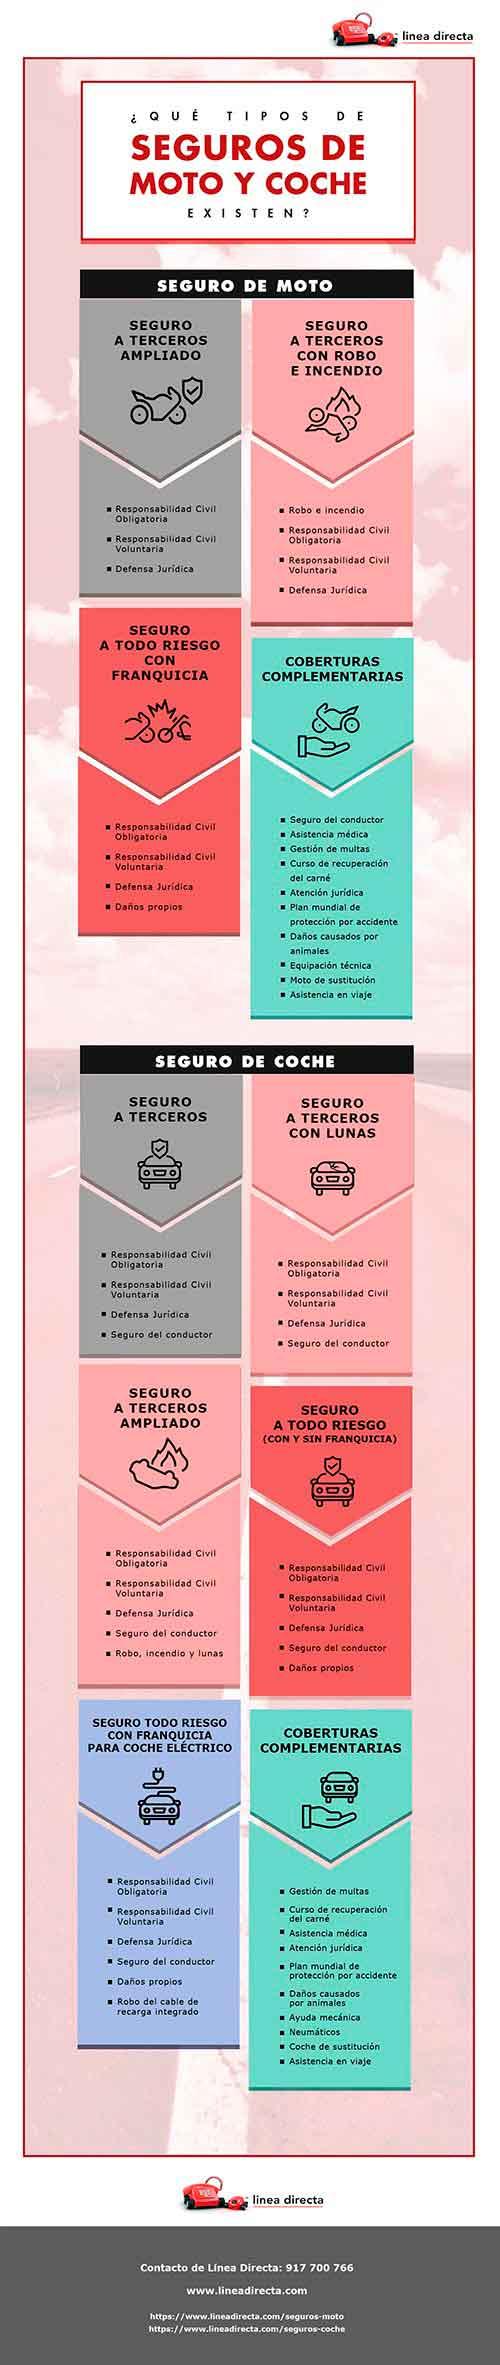 Infografia ¿Qué tipo de seguros de moto existen?